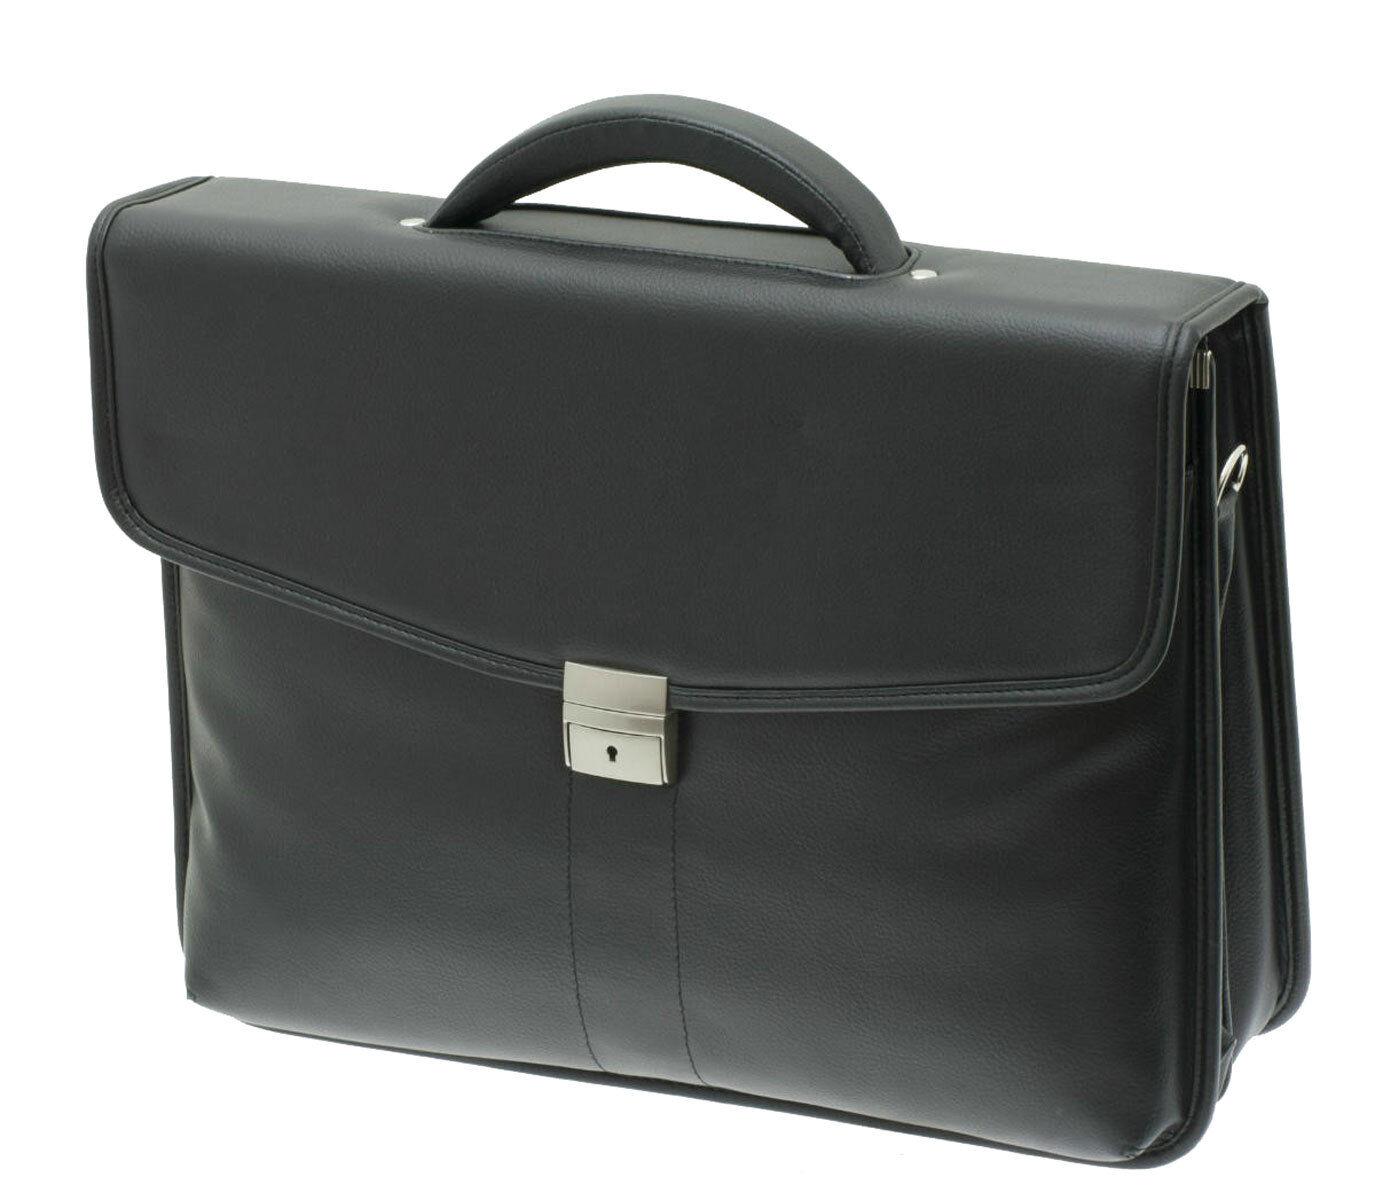 Arbeits Akten Schulter Tasche Querformat 43x33x20cm Groß Schwarz Davidts Bowatex | Elegantes und robustes Menü  | Große Klassifizierung  | Fairer Preis